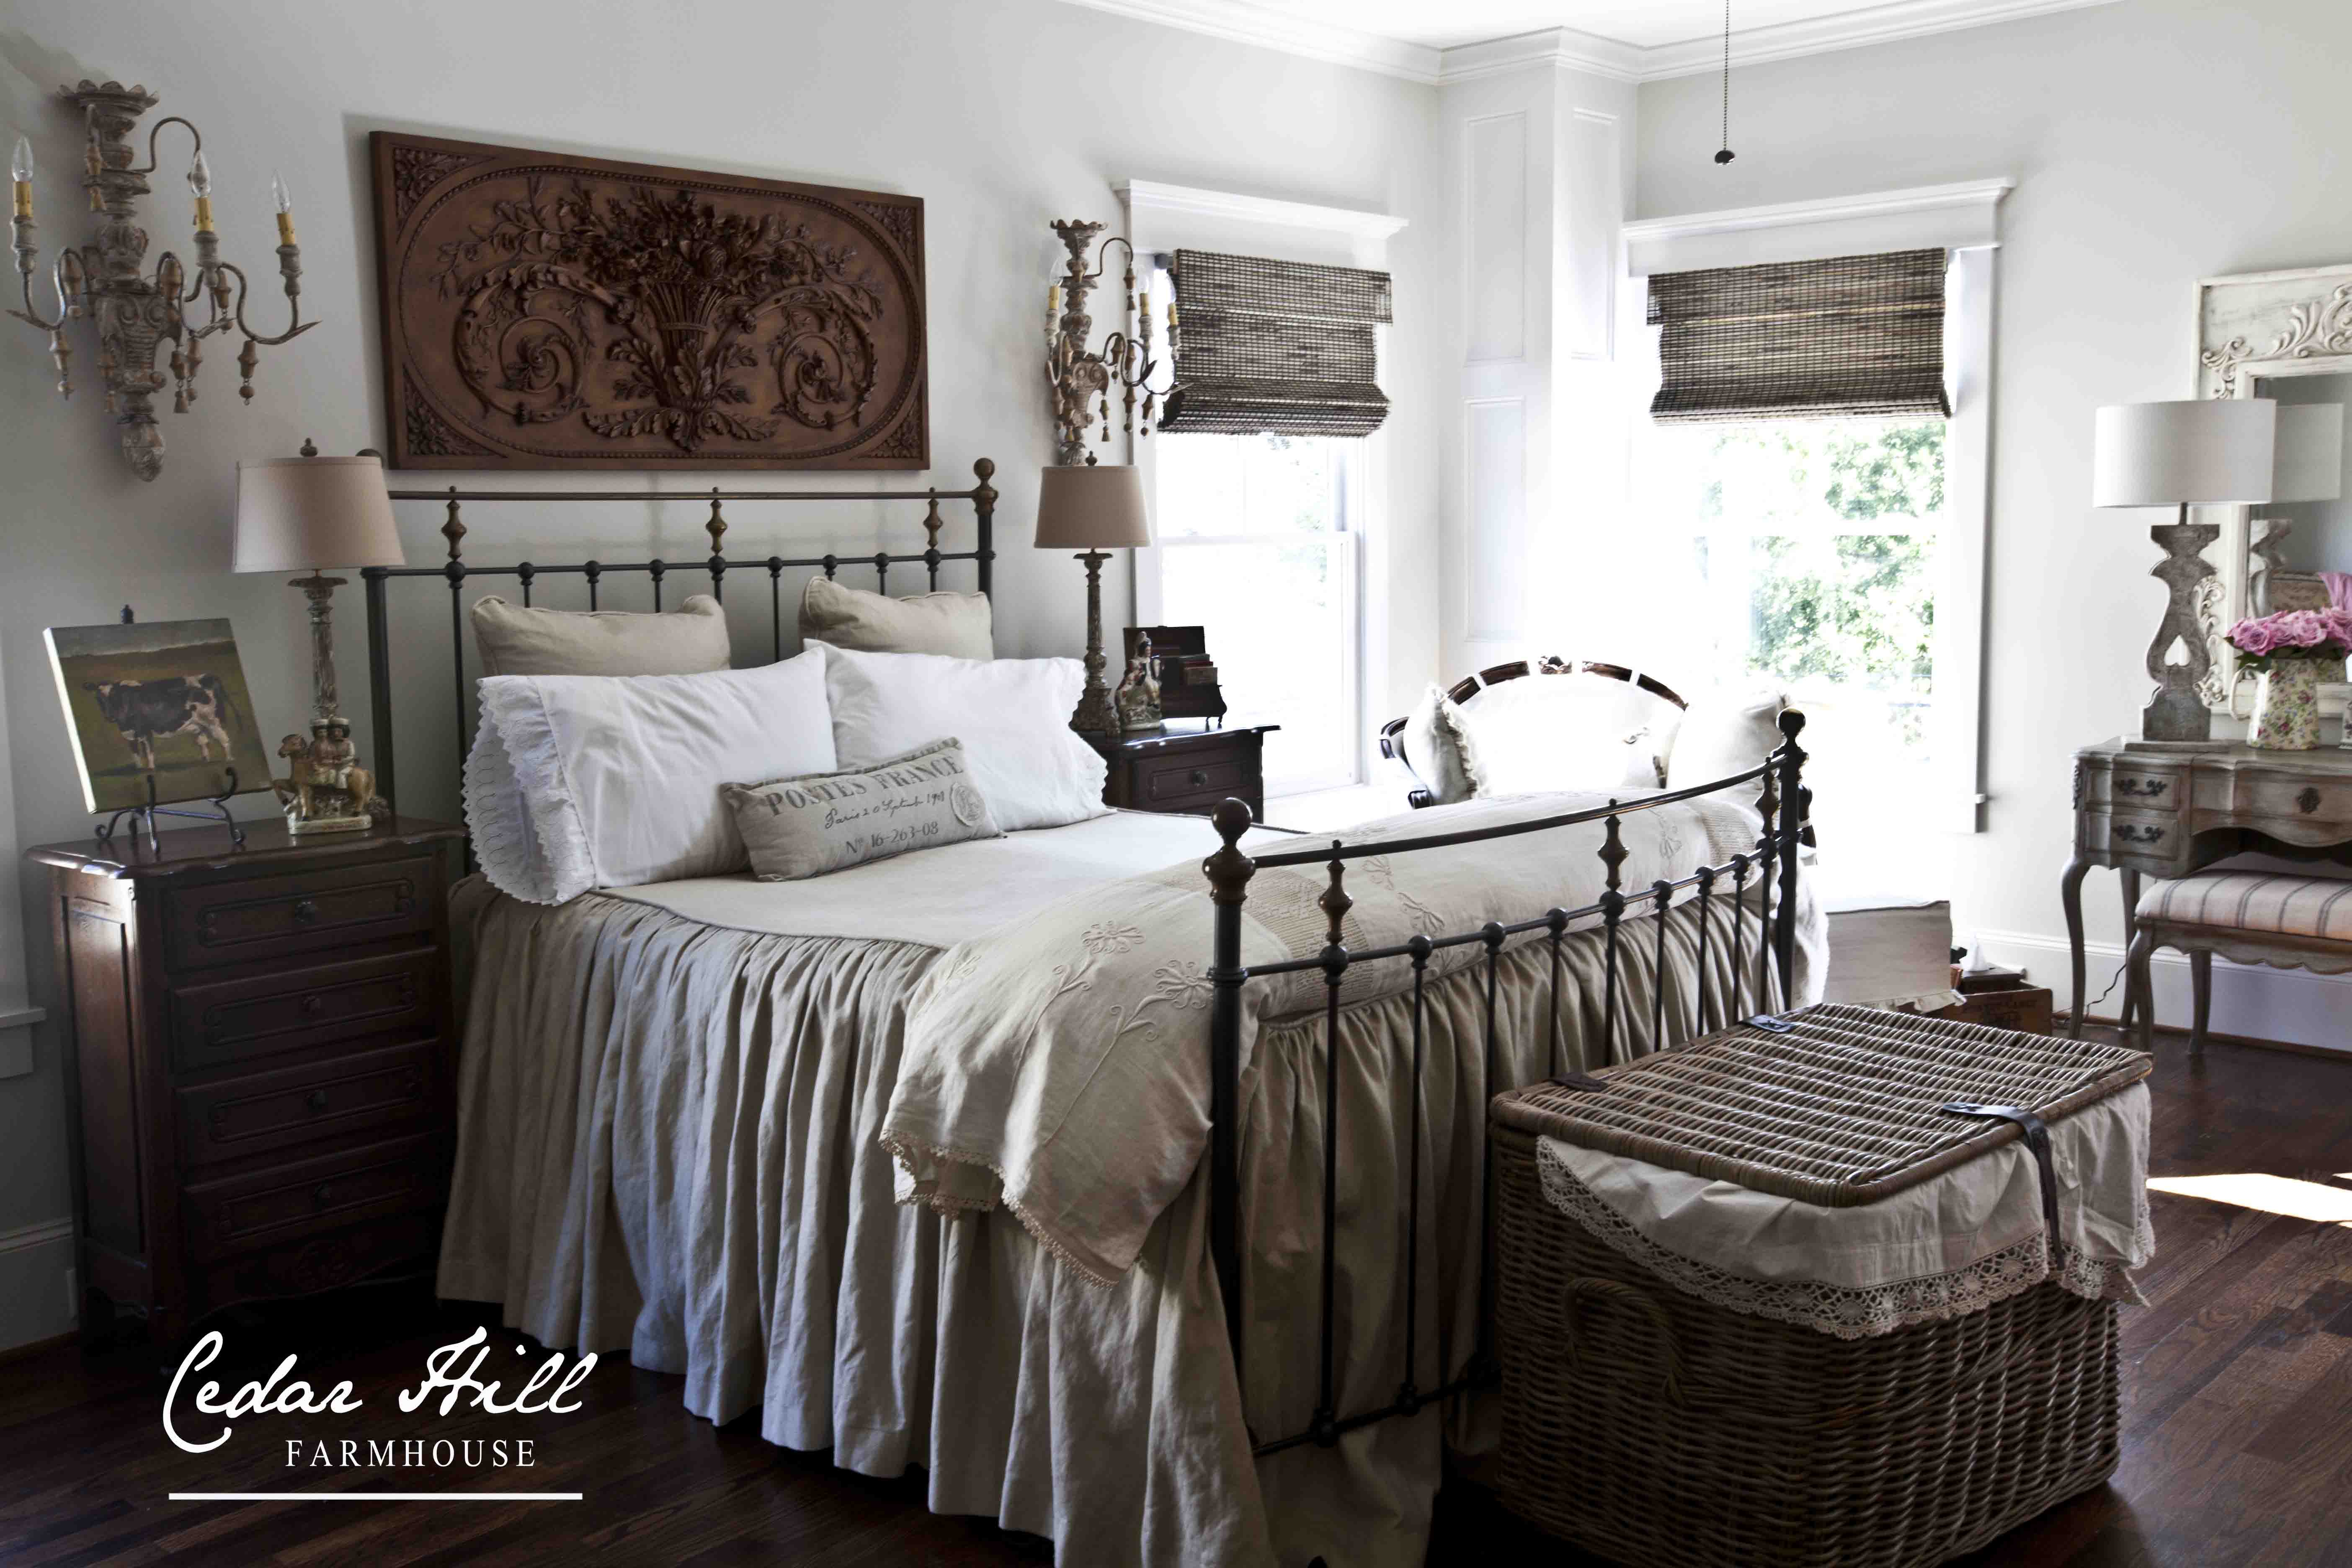 6 Ways to Style a Bed Cedar Hill Farmhouse